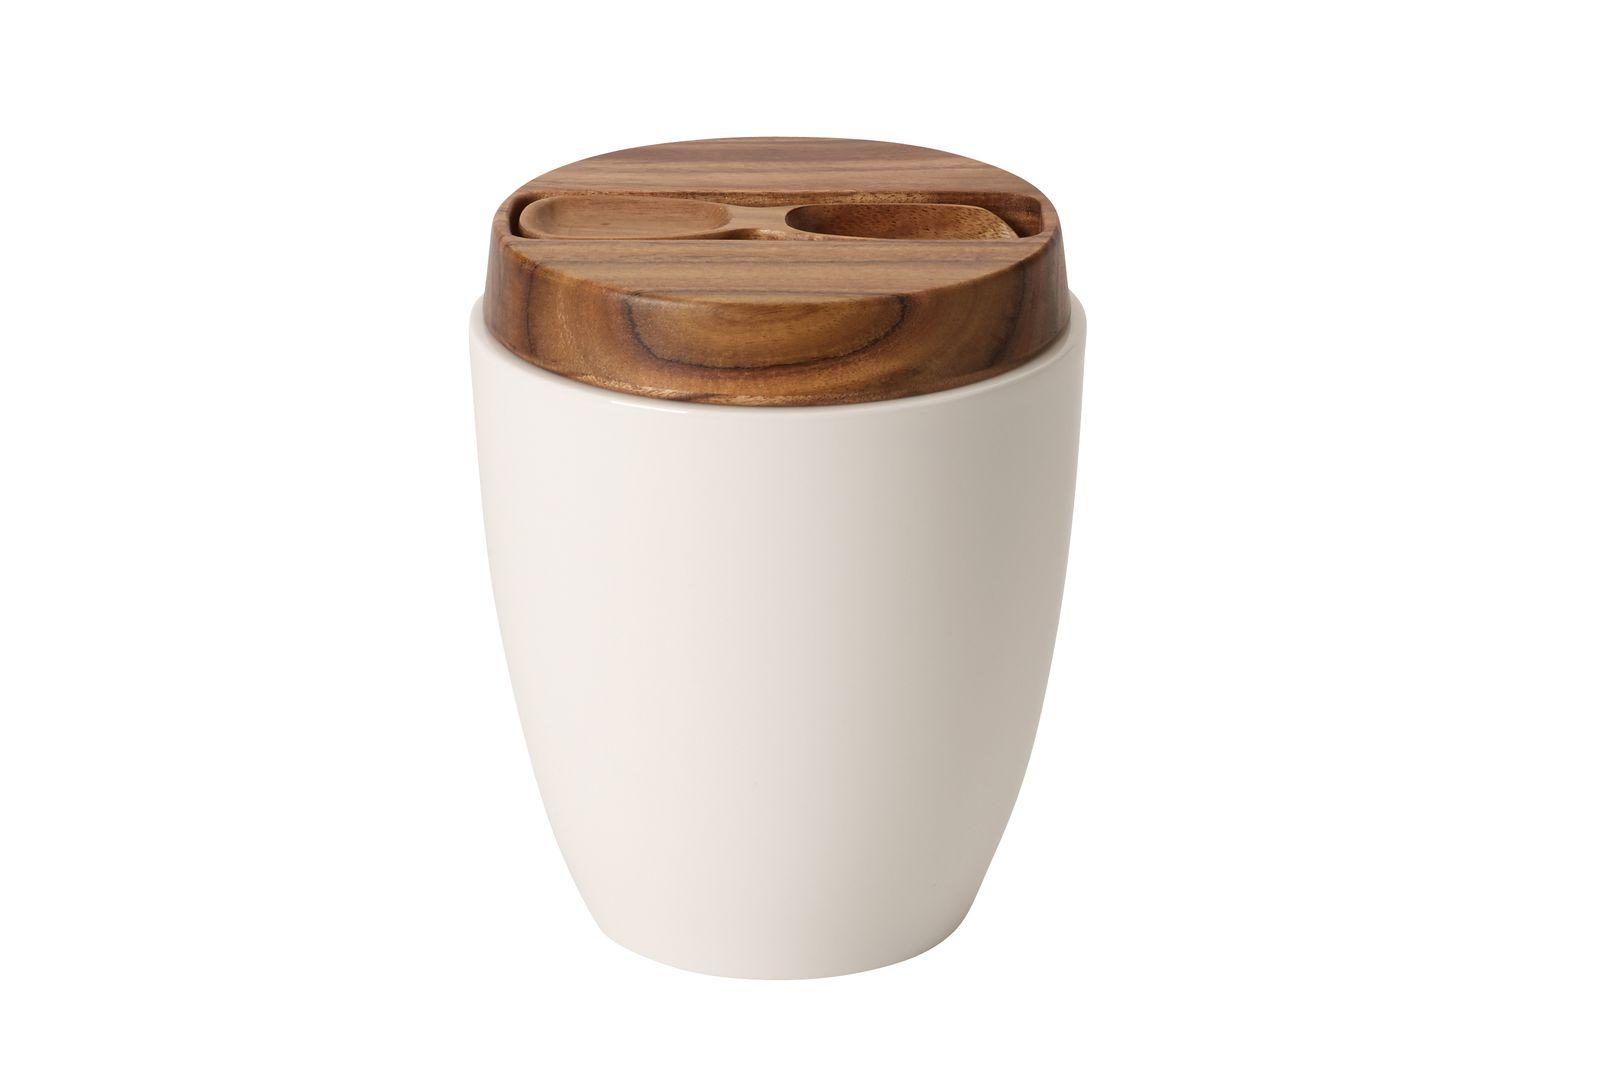 Villeroy & Boch Artesano Original Tea Caddy With Spoon thumb 2